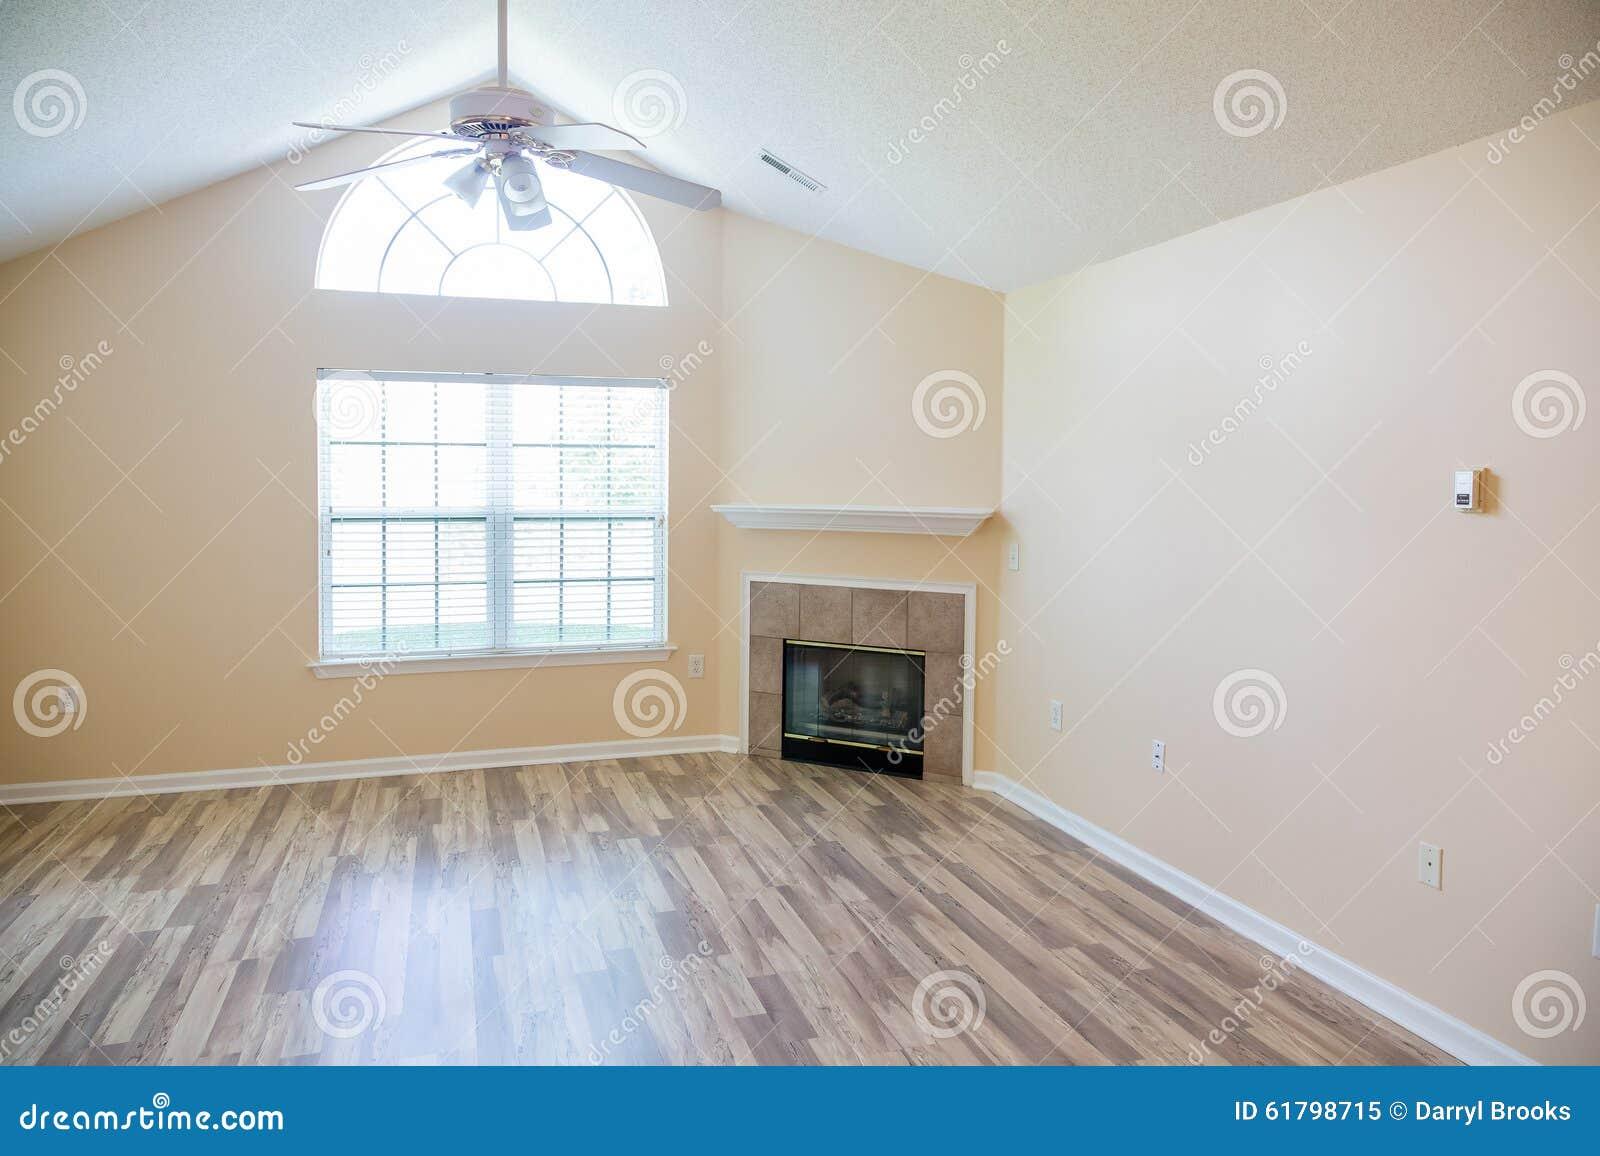 Glanzender Neuer Massivholzboden Mit Kamin In Der Ecke Stockbild Bild Von Massivholzboden Neuer 61798715